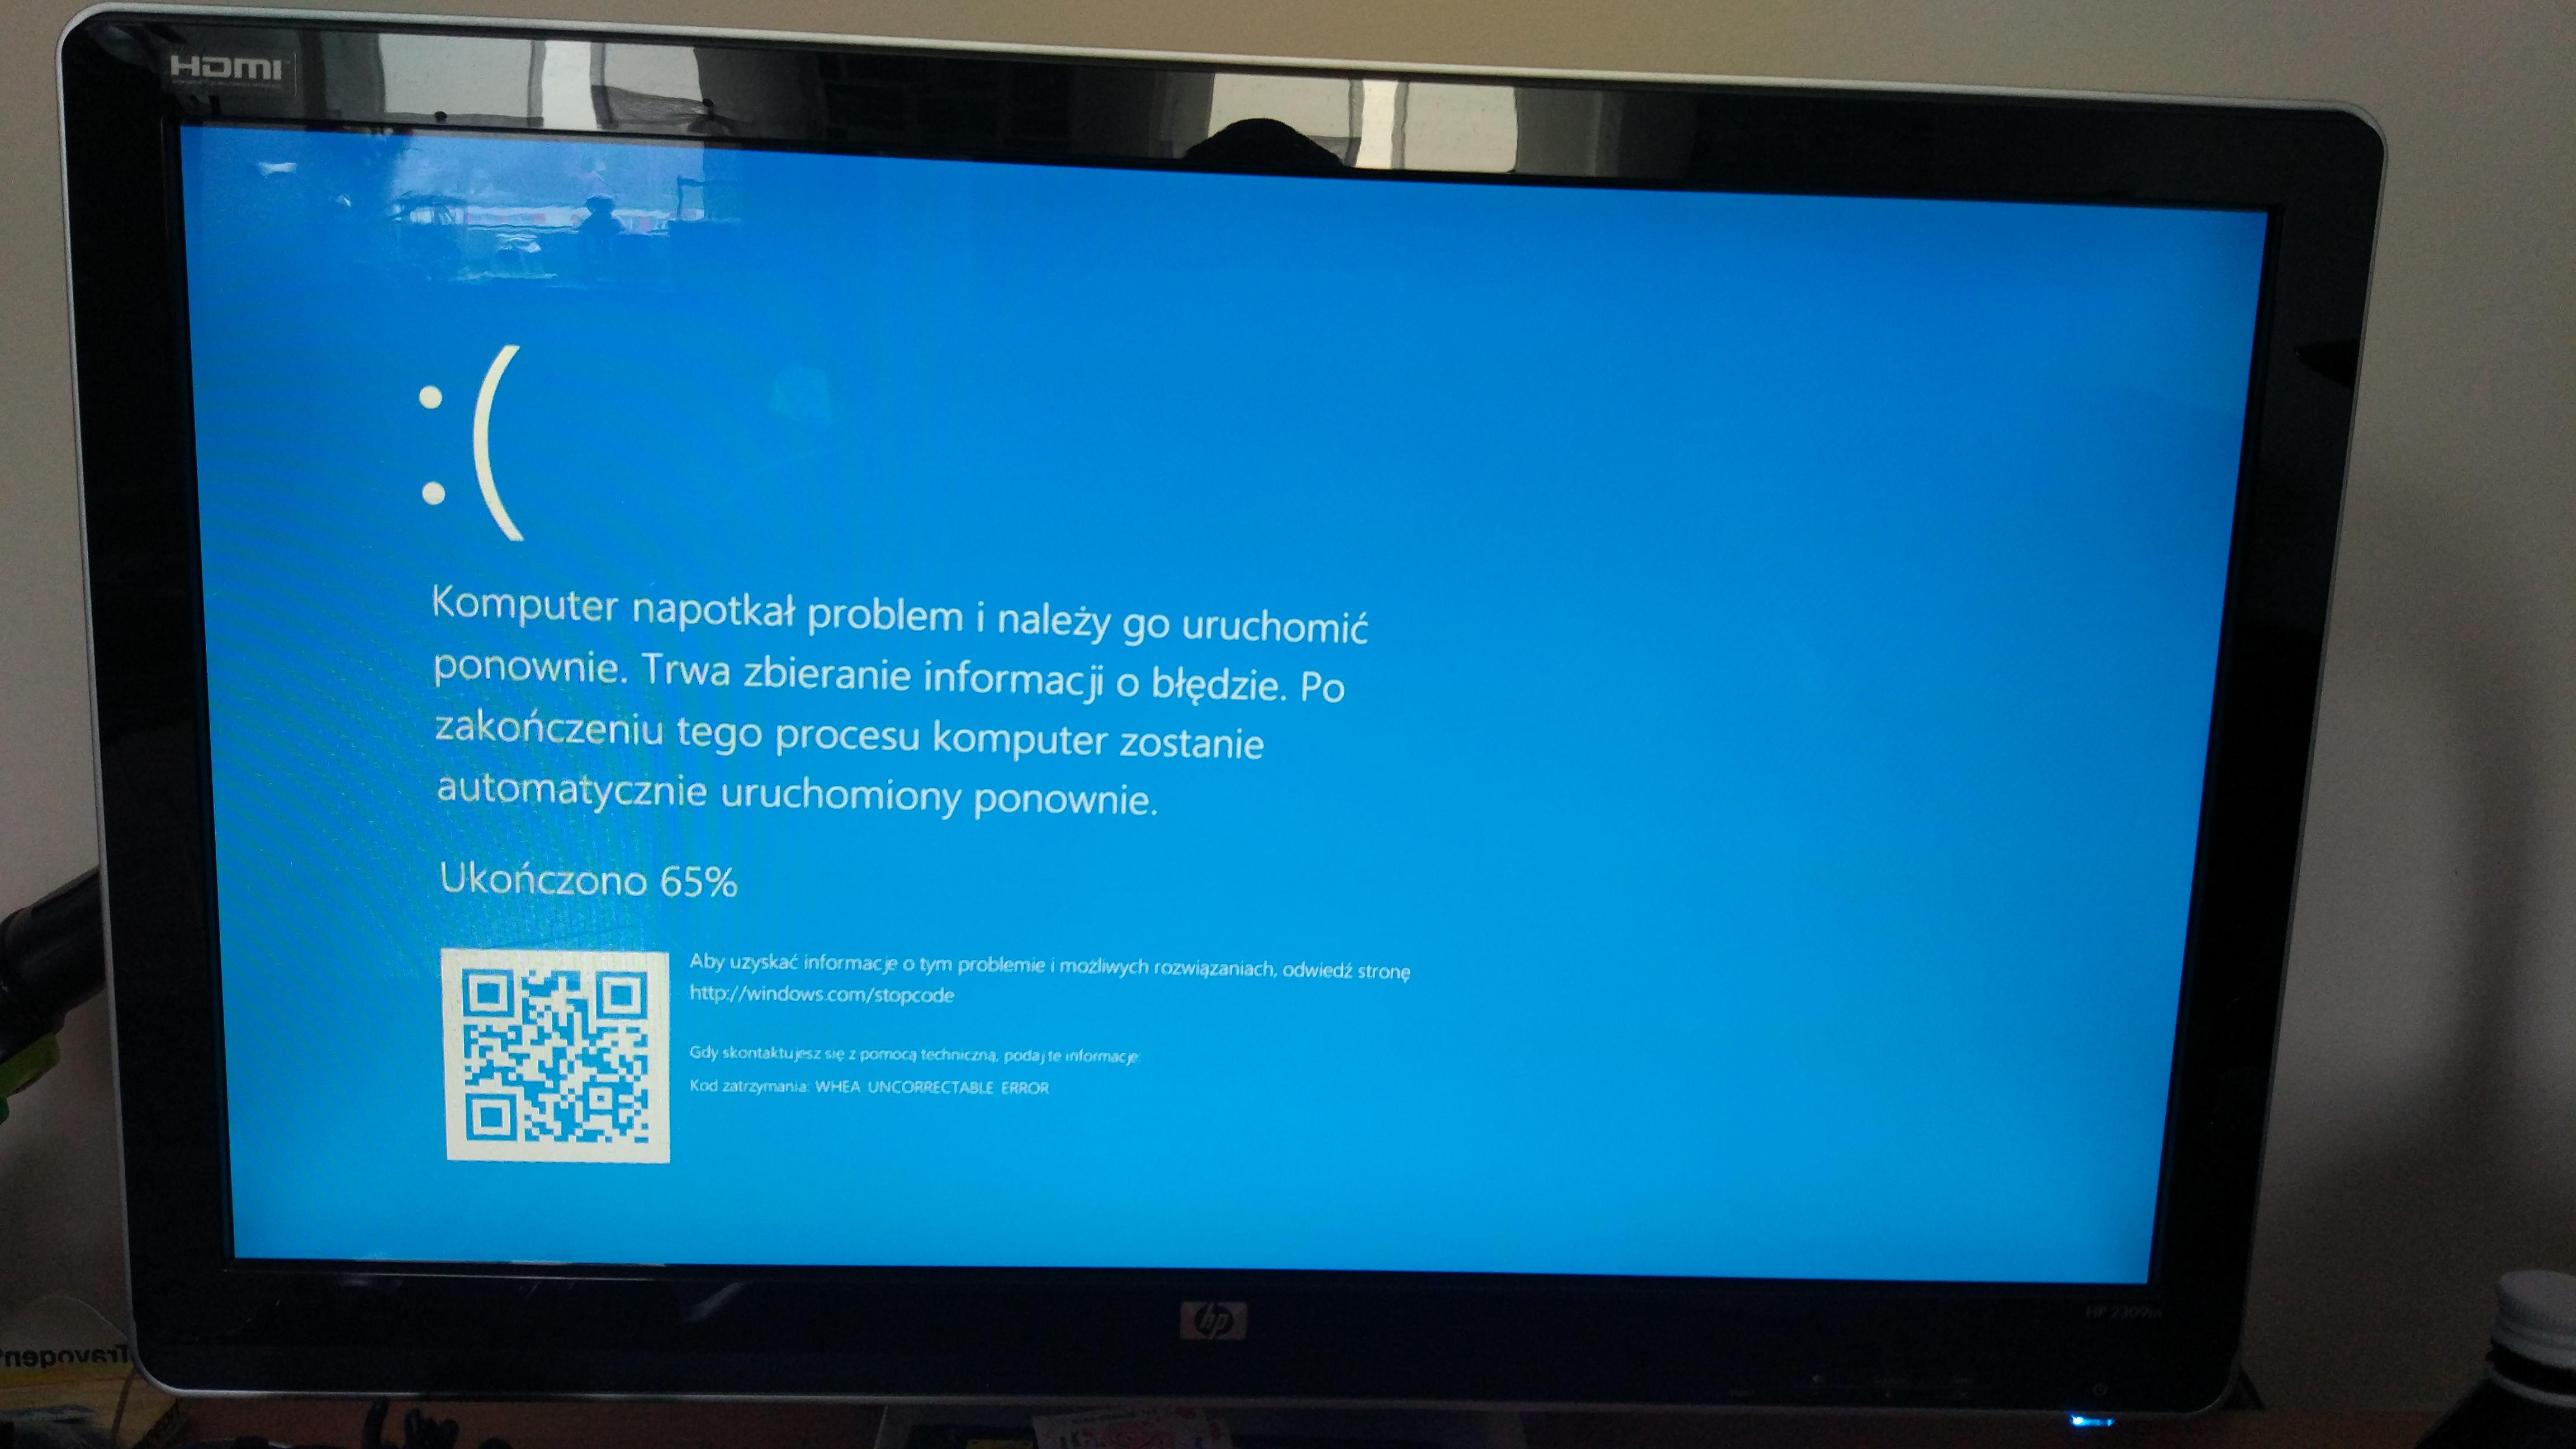 whea uncorrectable error windows 10 msi